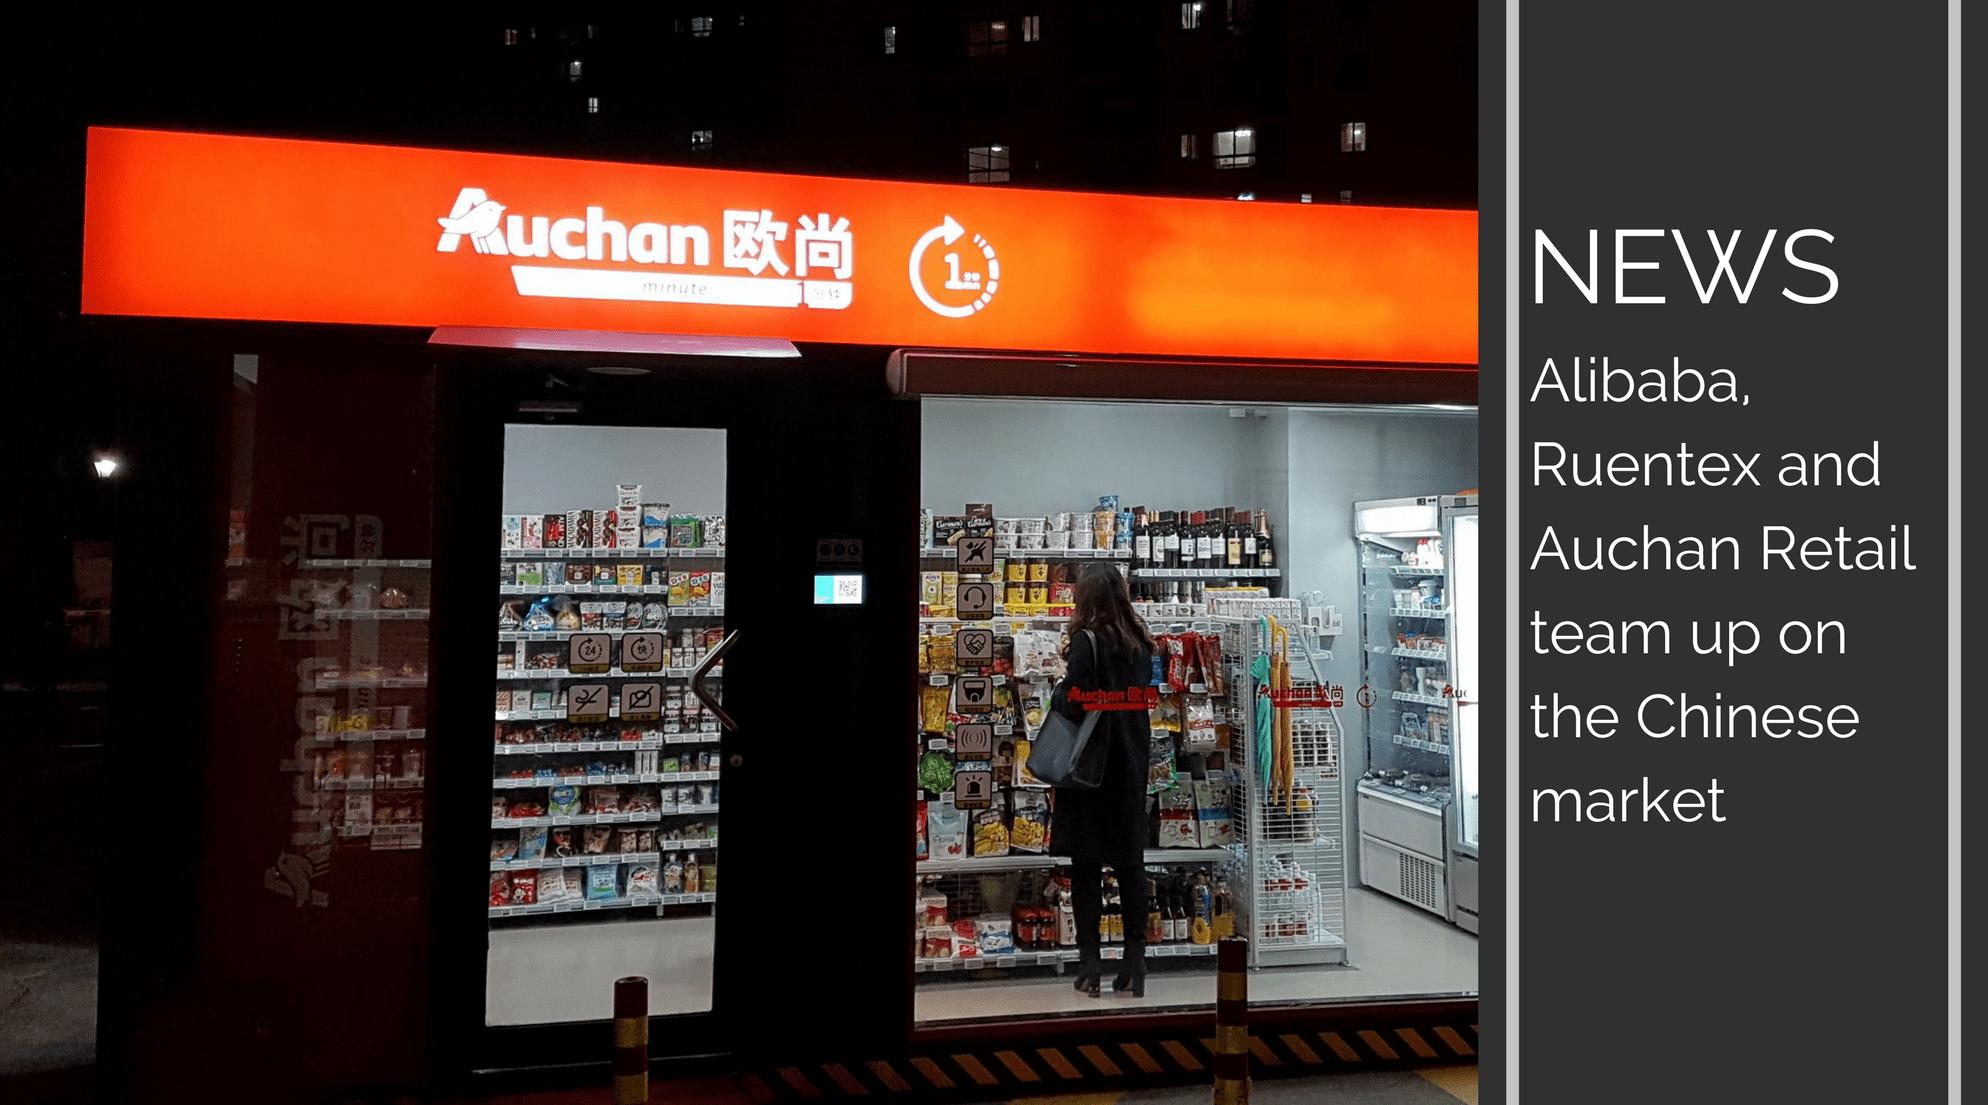 auchan Trends News suite 1 1 - Acuerdo entre Auchan y Alibaba redefinirá el retail tradicional en China